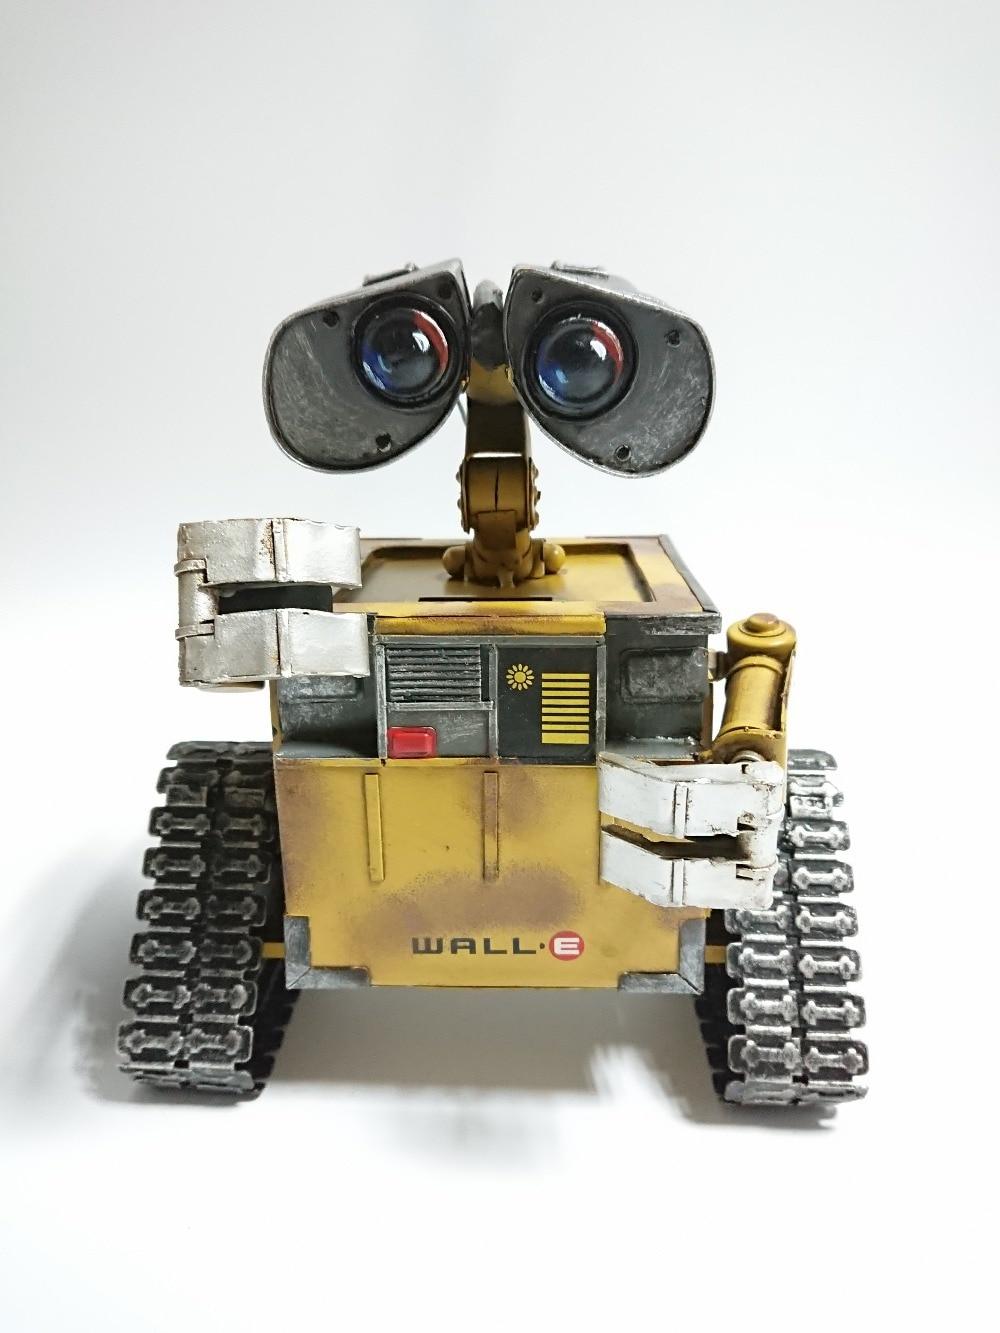 Metal Pig Bank Walle WALL-E WALL E 100% Handmade Steel Iron Sheet Model Action Figure